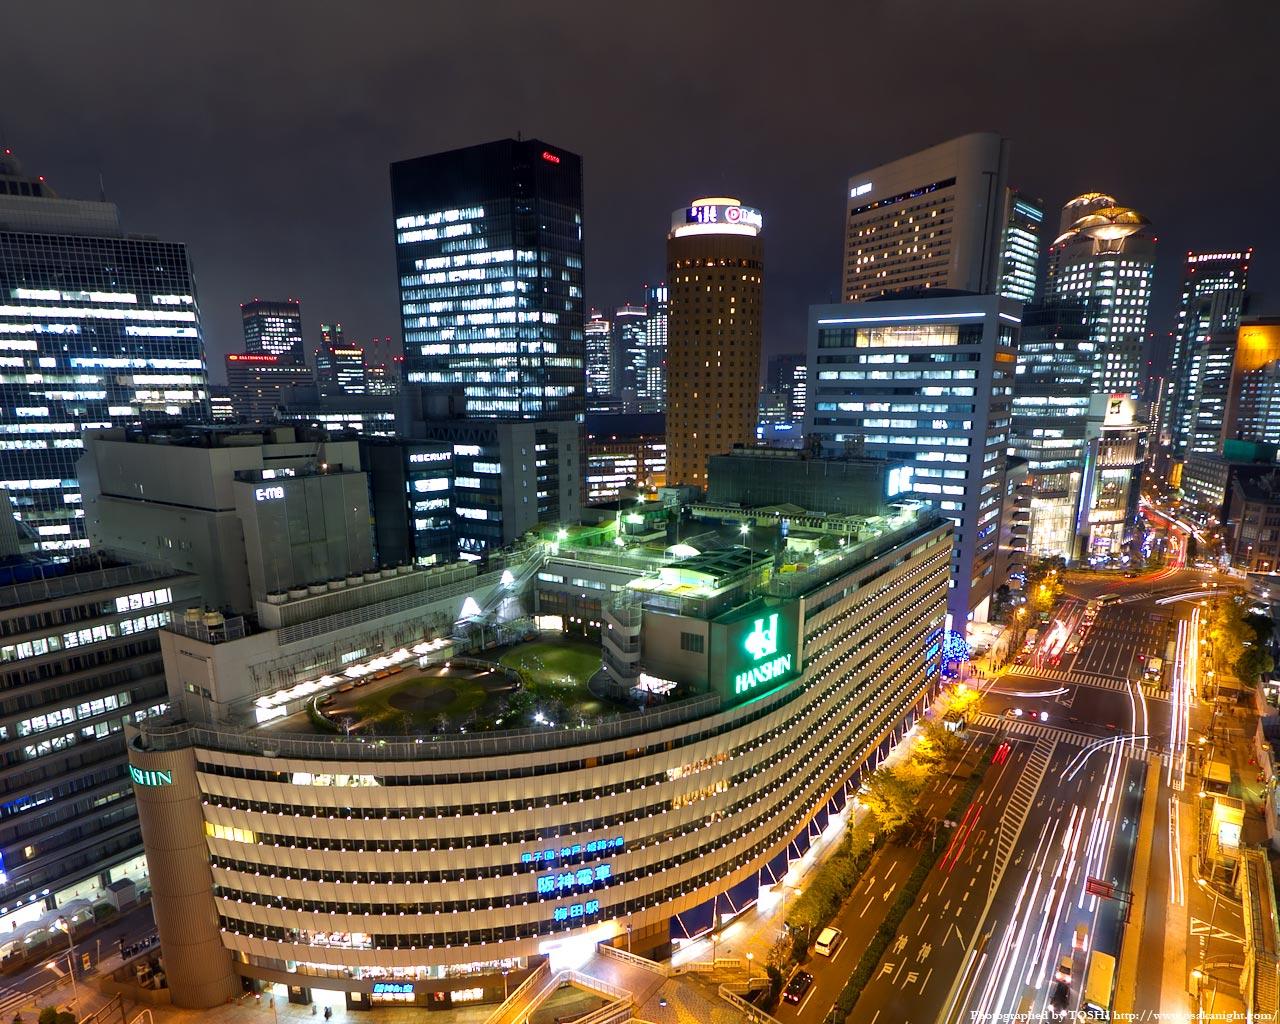 阪神百貨店〜大阪駅前ダイヤモンド地区の夜景